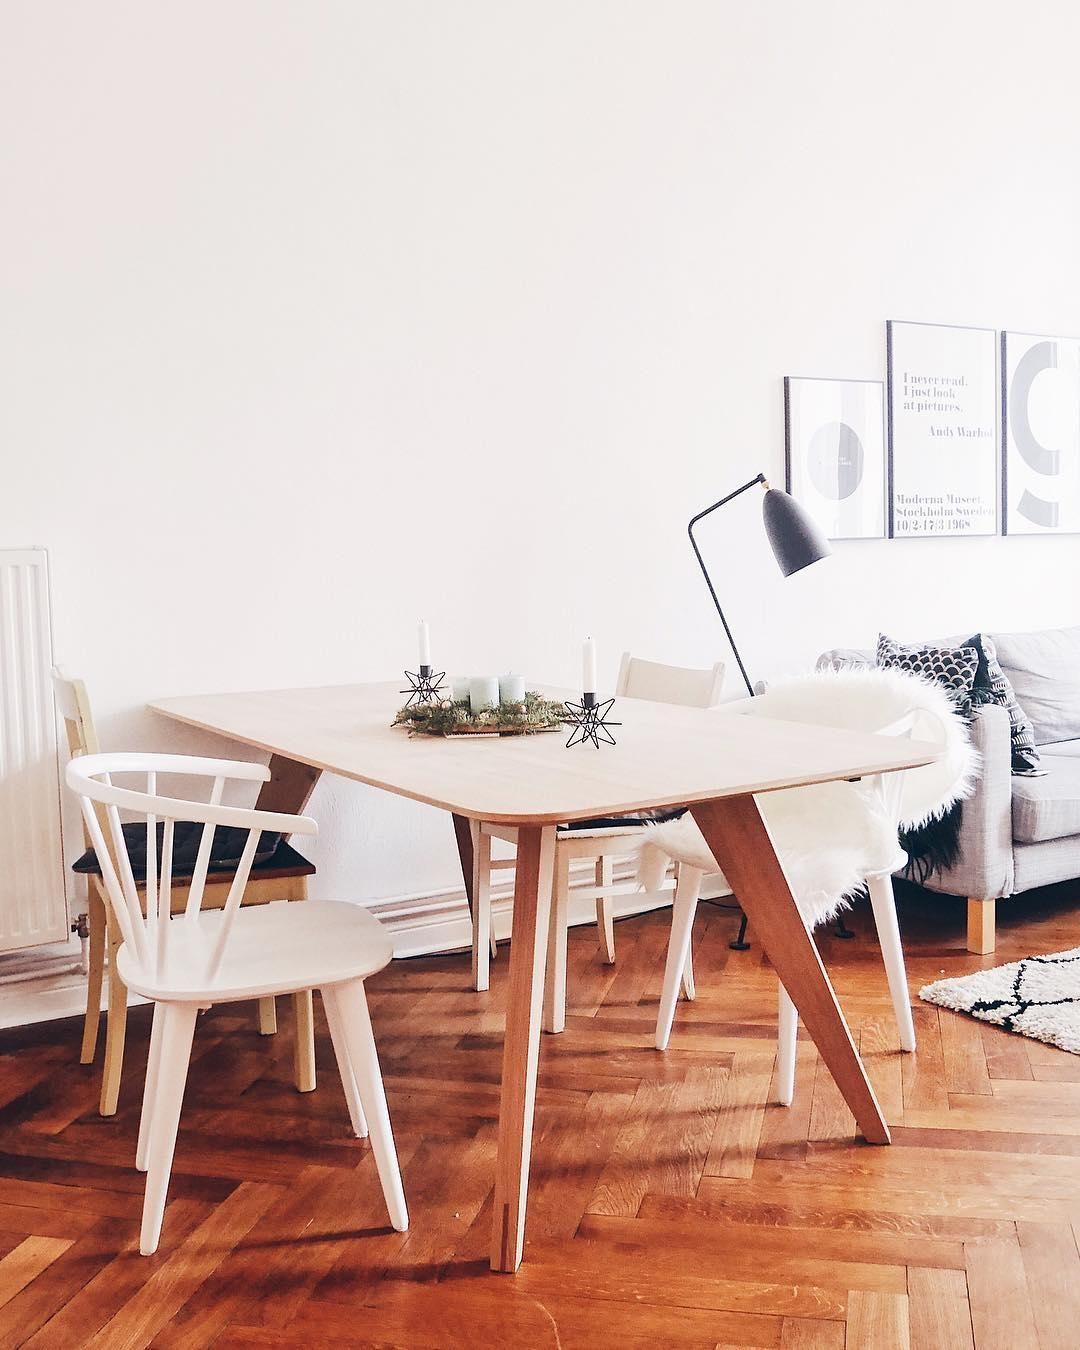 Armlehnstühle Megan, 2 Stück | Esszimmer einrichten, Küchenstühle ...